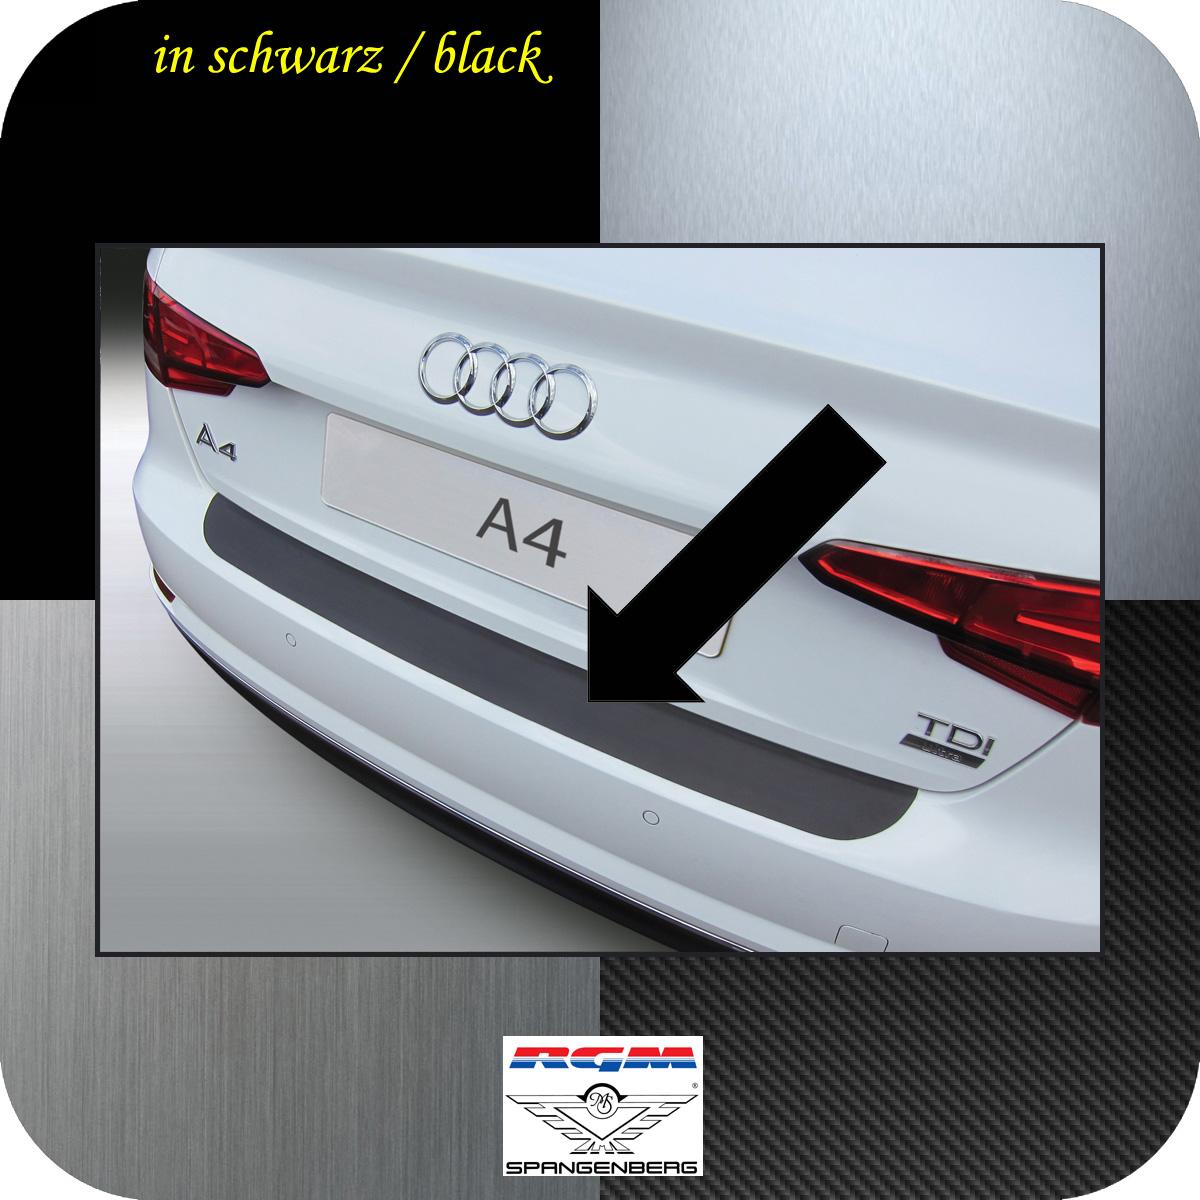 Ladekantenschutz schwarz Audi A4 B9 Limousine 4-Türer ab Baujahr 2015- 3500960